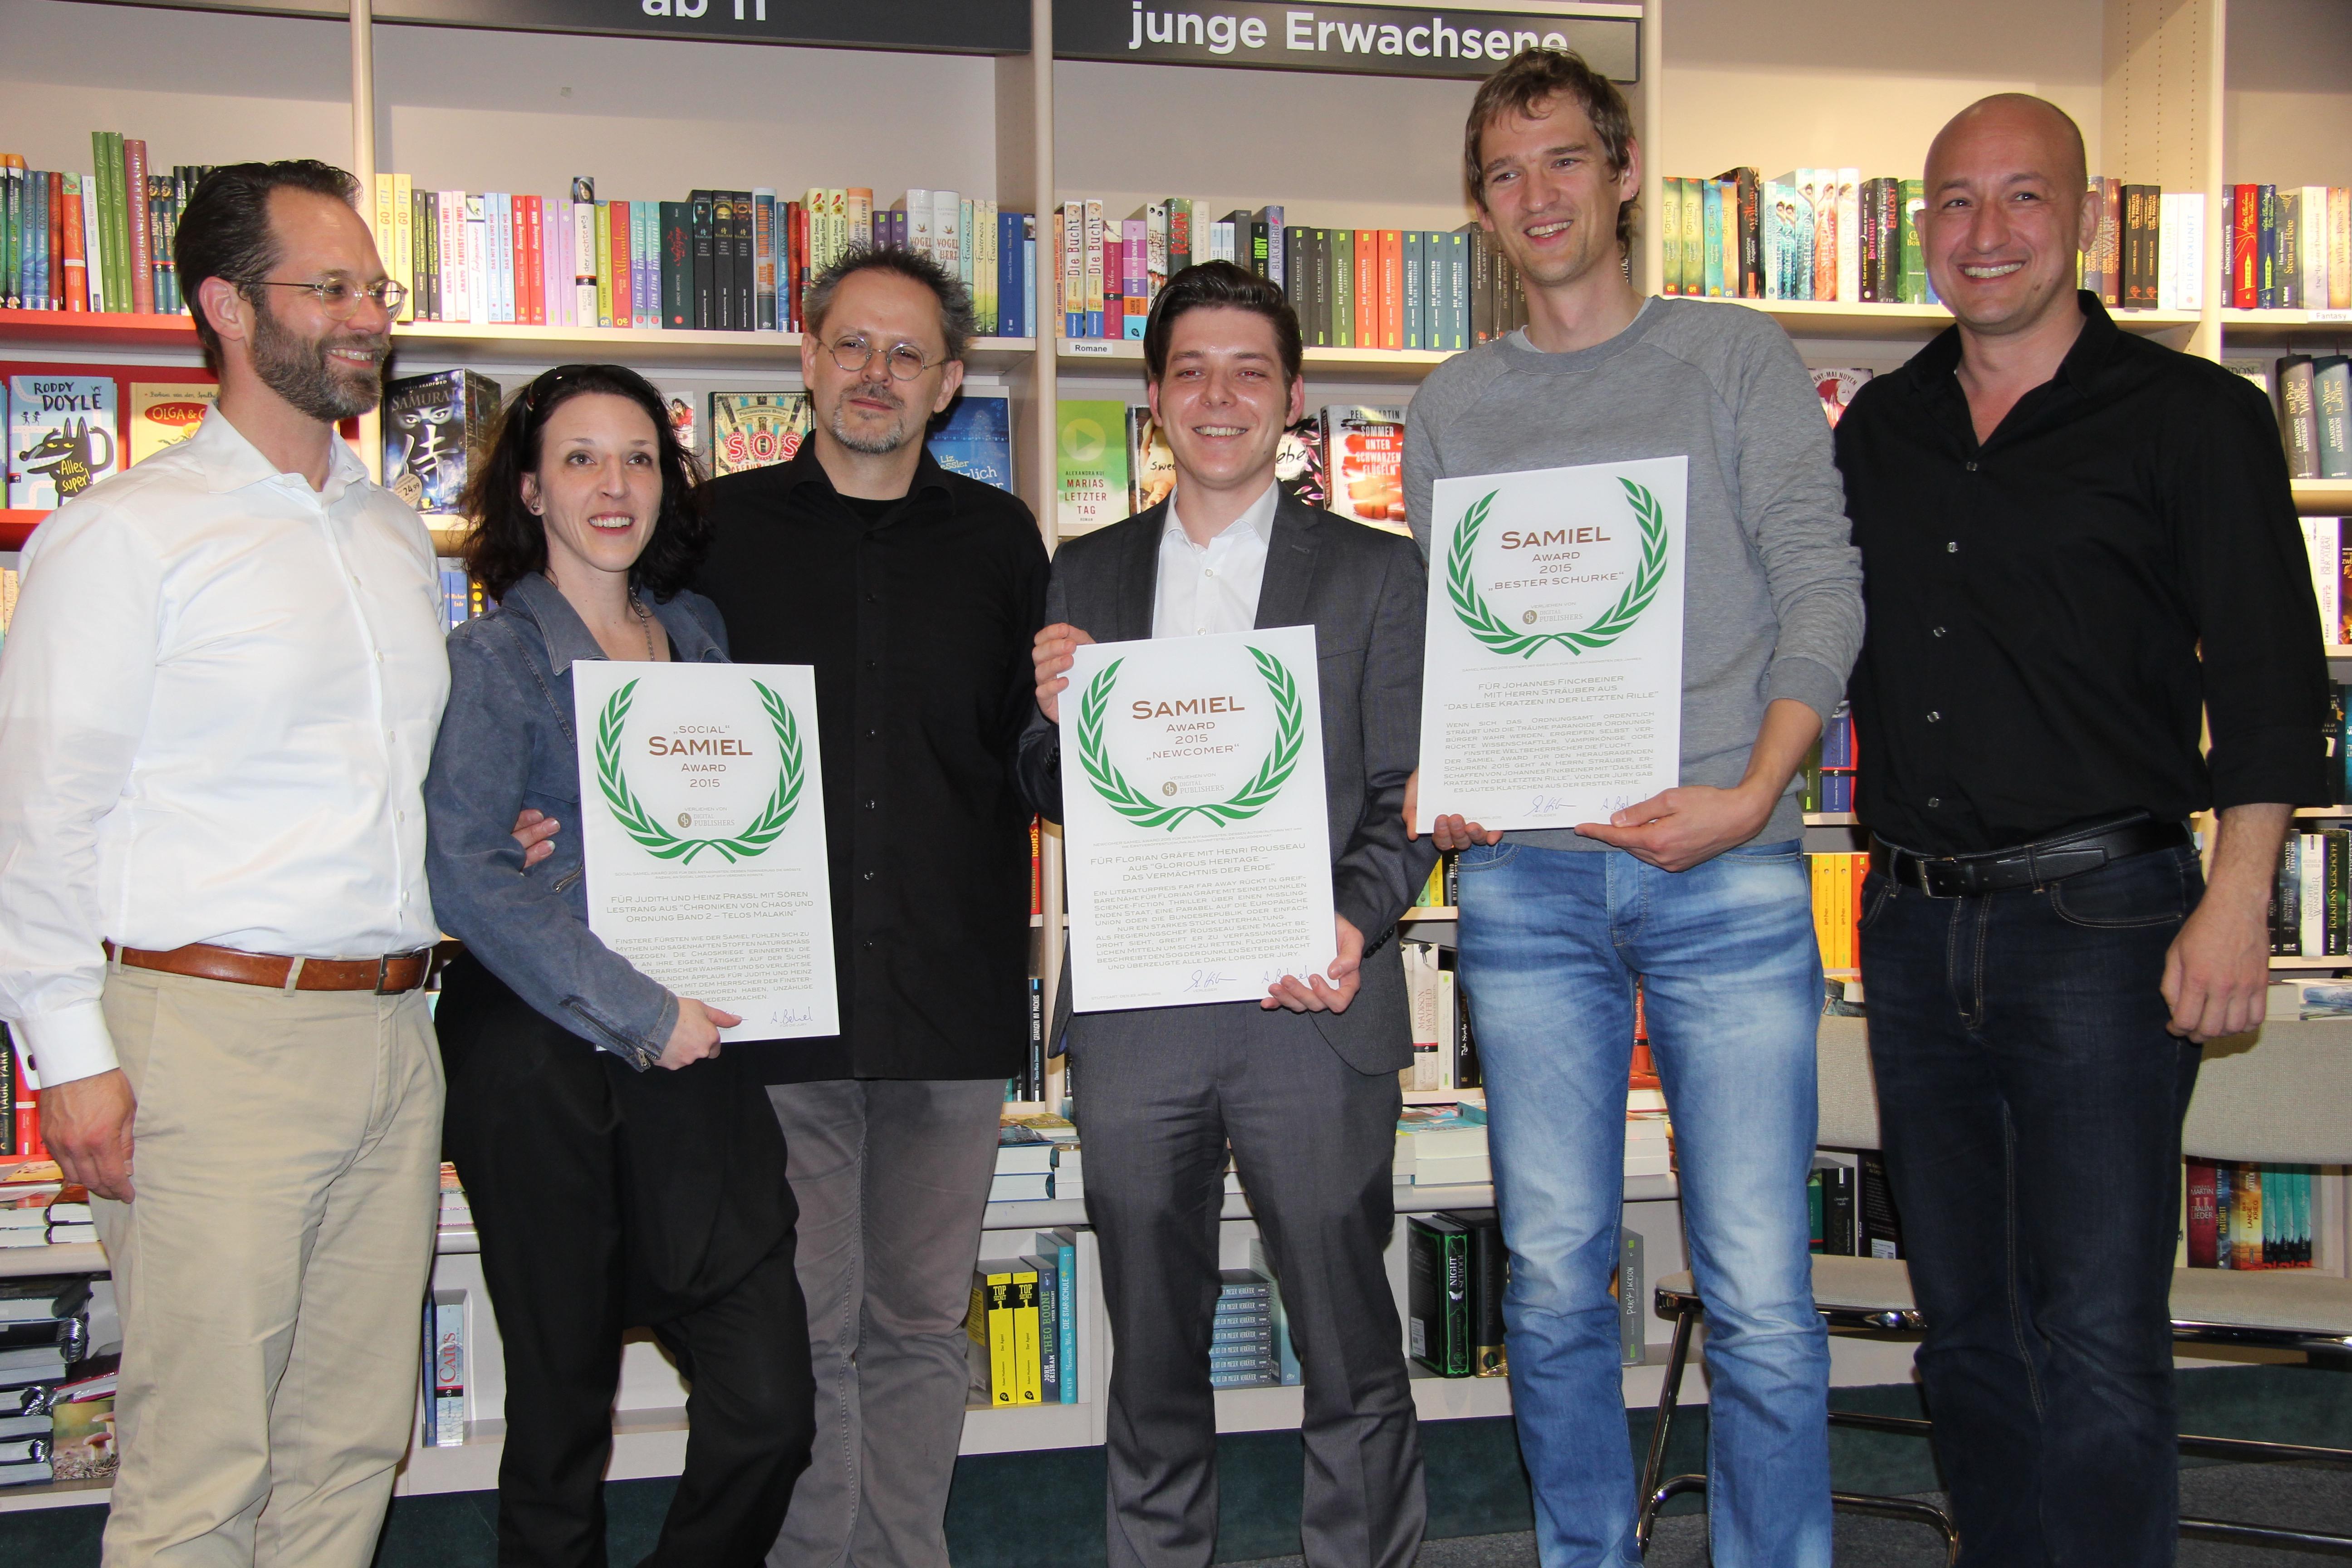 Samiel Award 2015